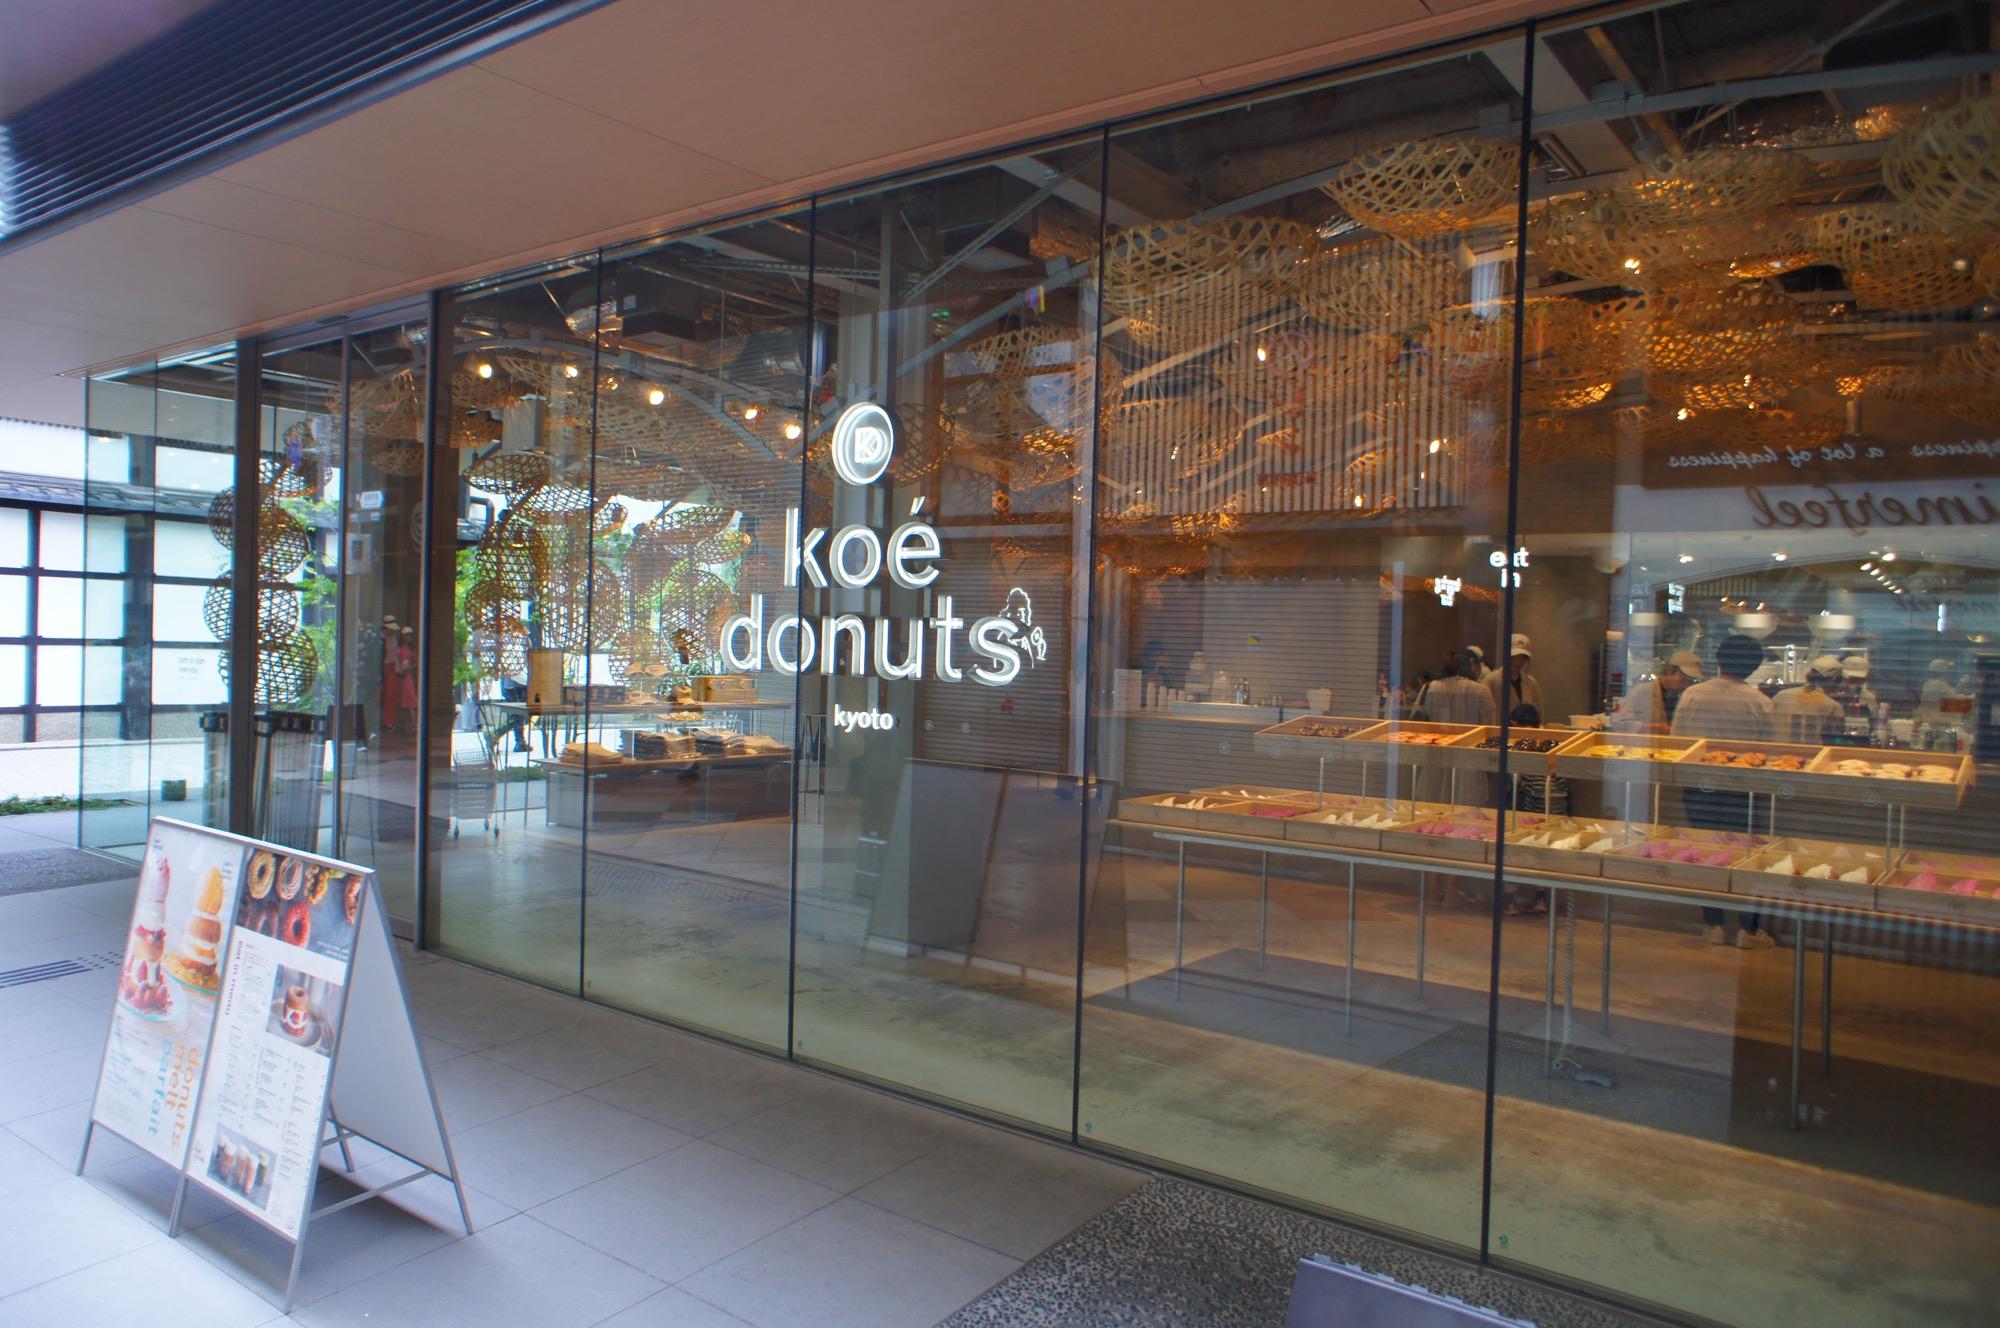 《ご当地MORE✩京都》おしゃれすぎる❤️と話題!【koe donuts kyoto】へ行ってきました☻_1